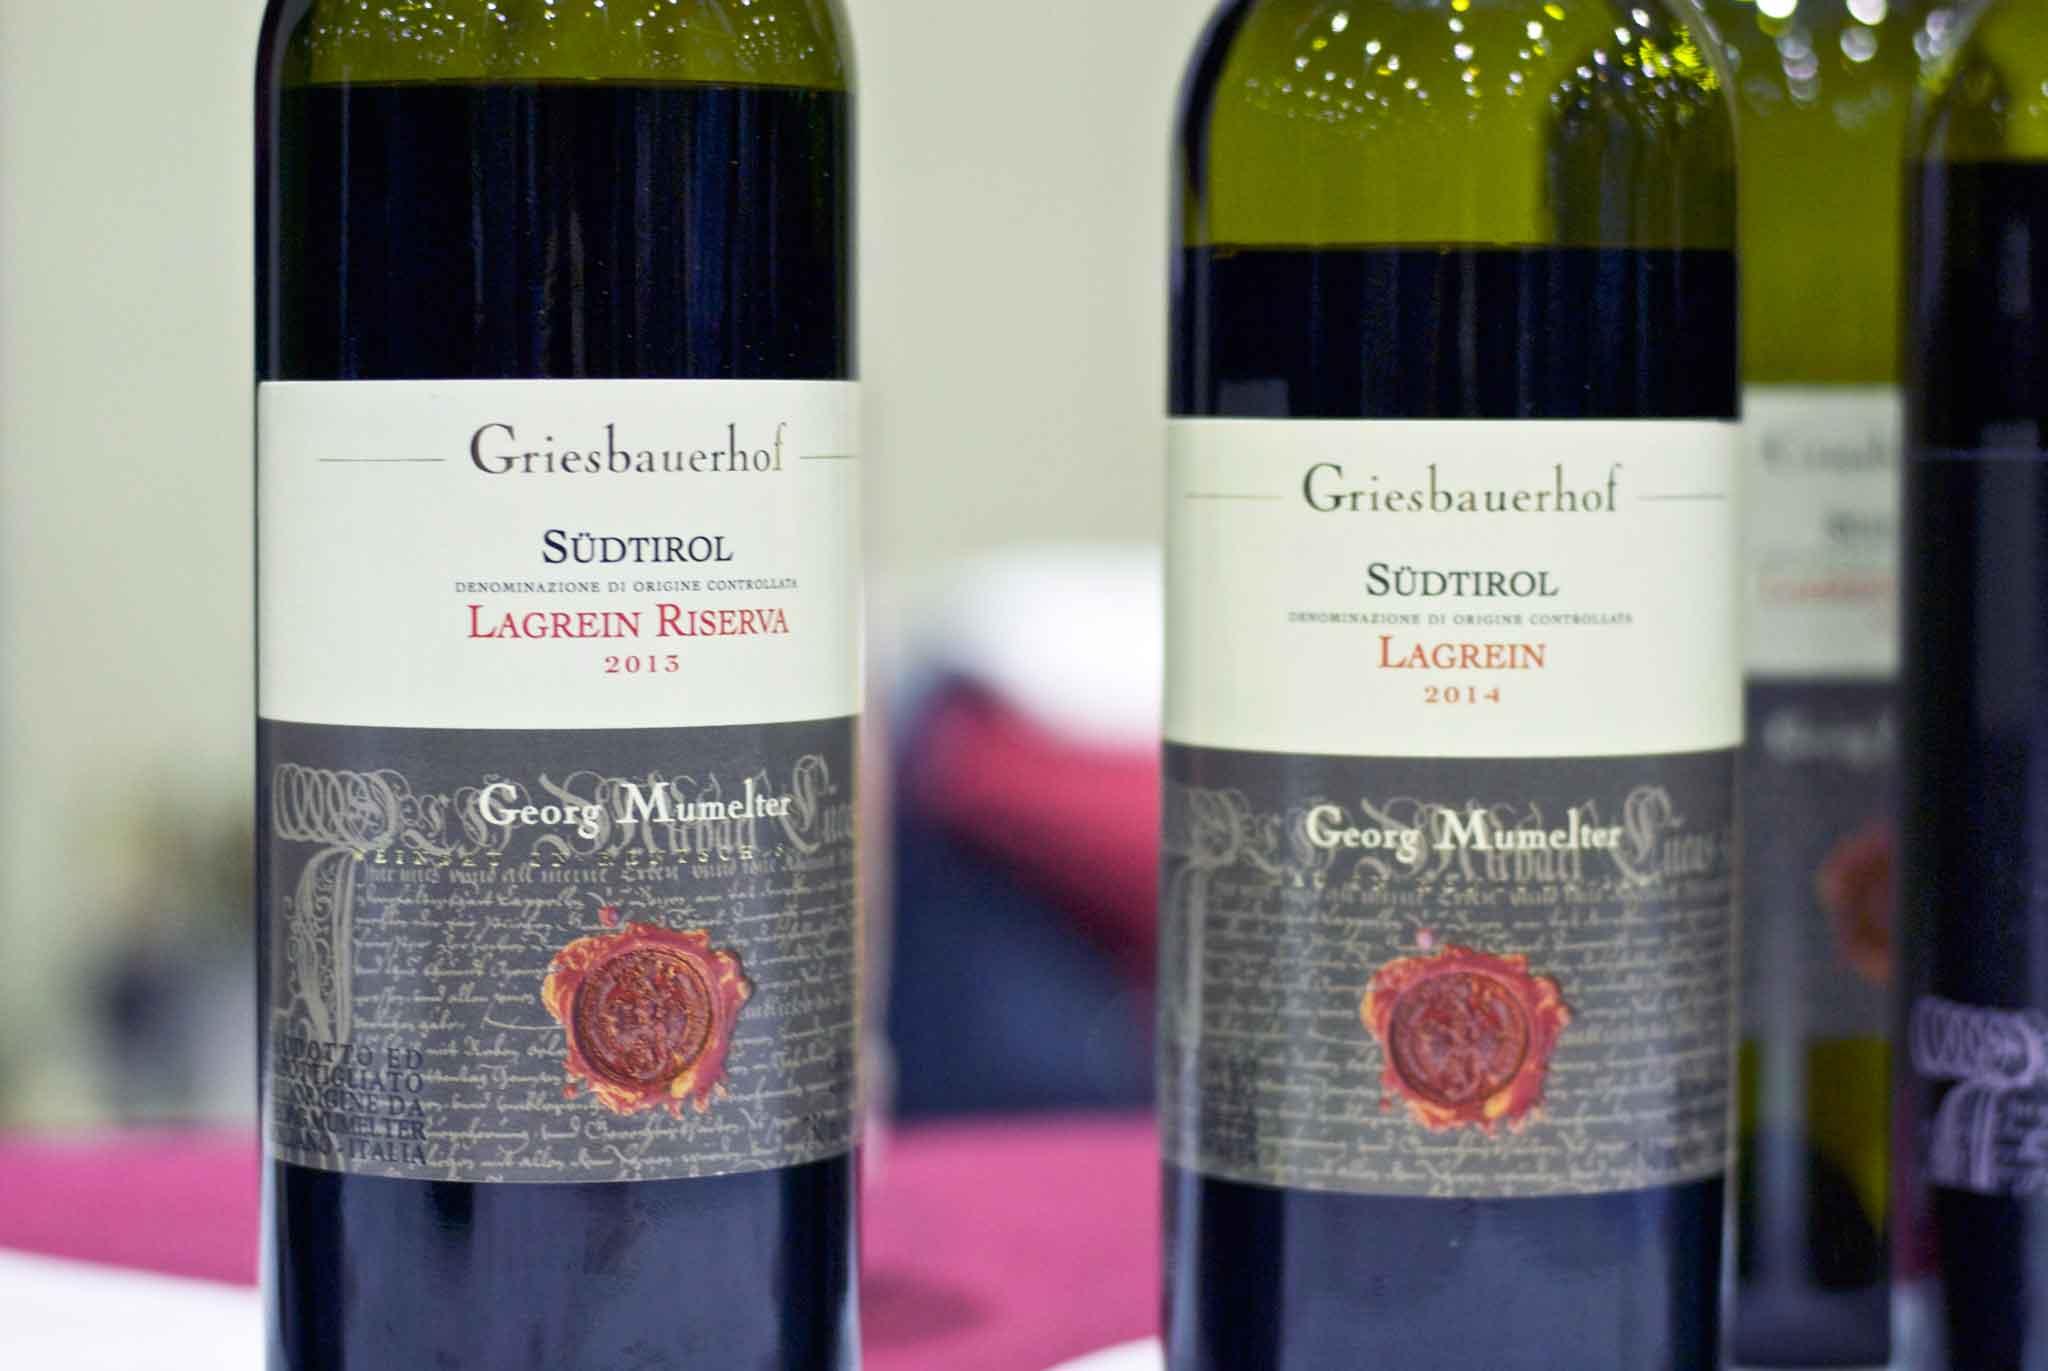 Griesbauerhof vini